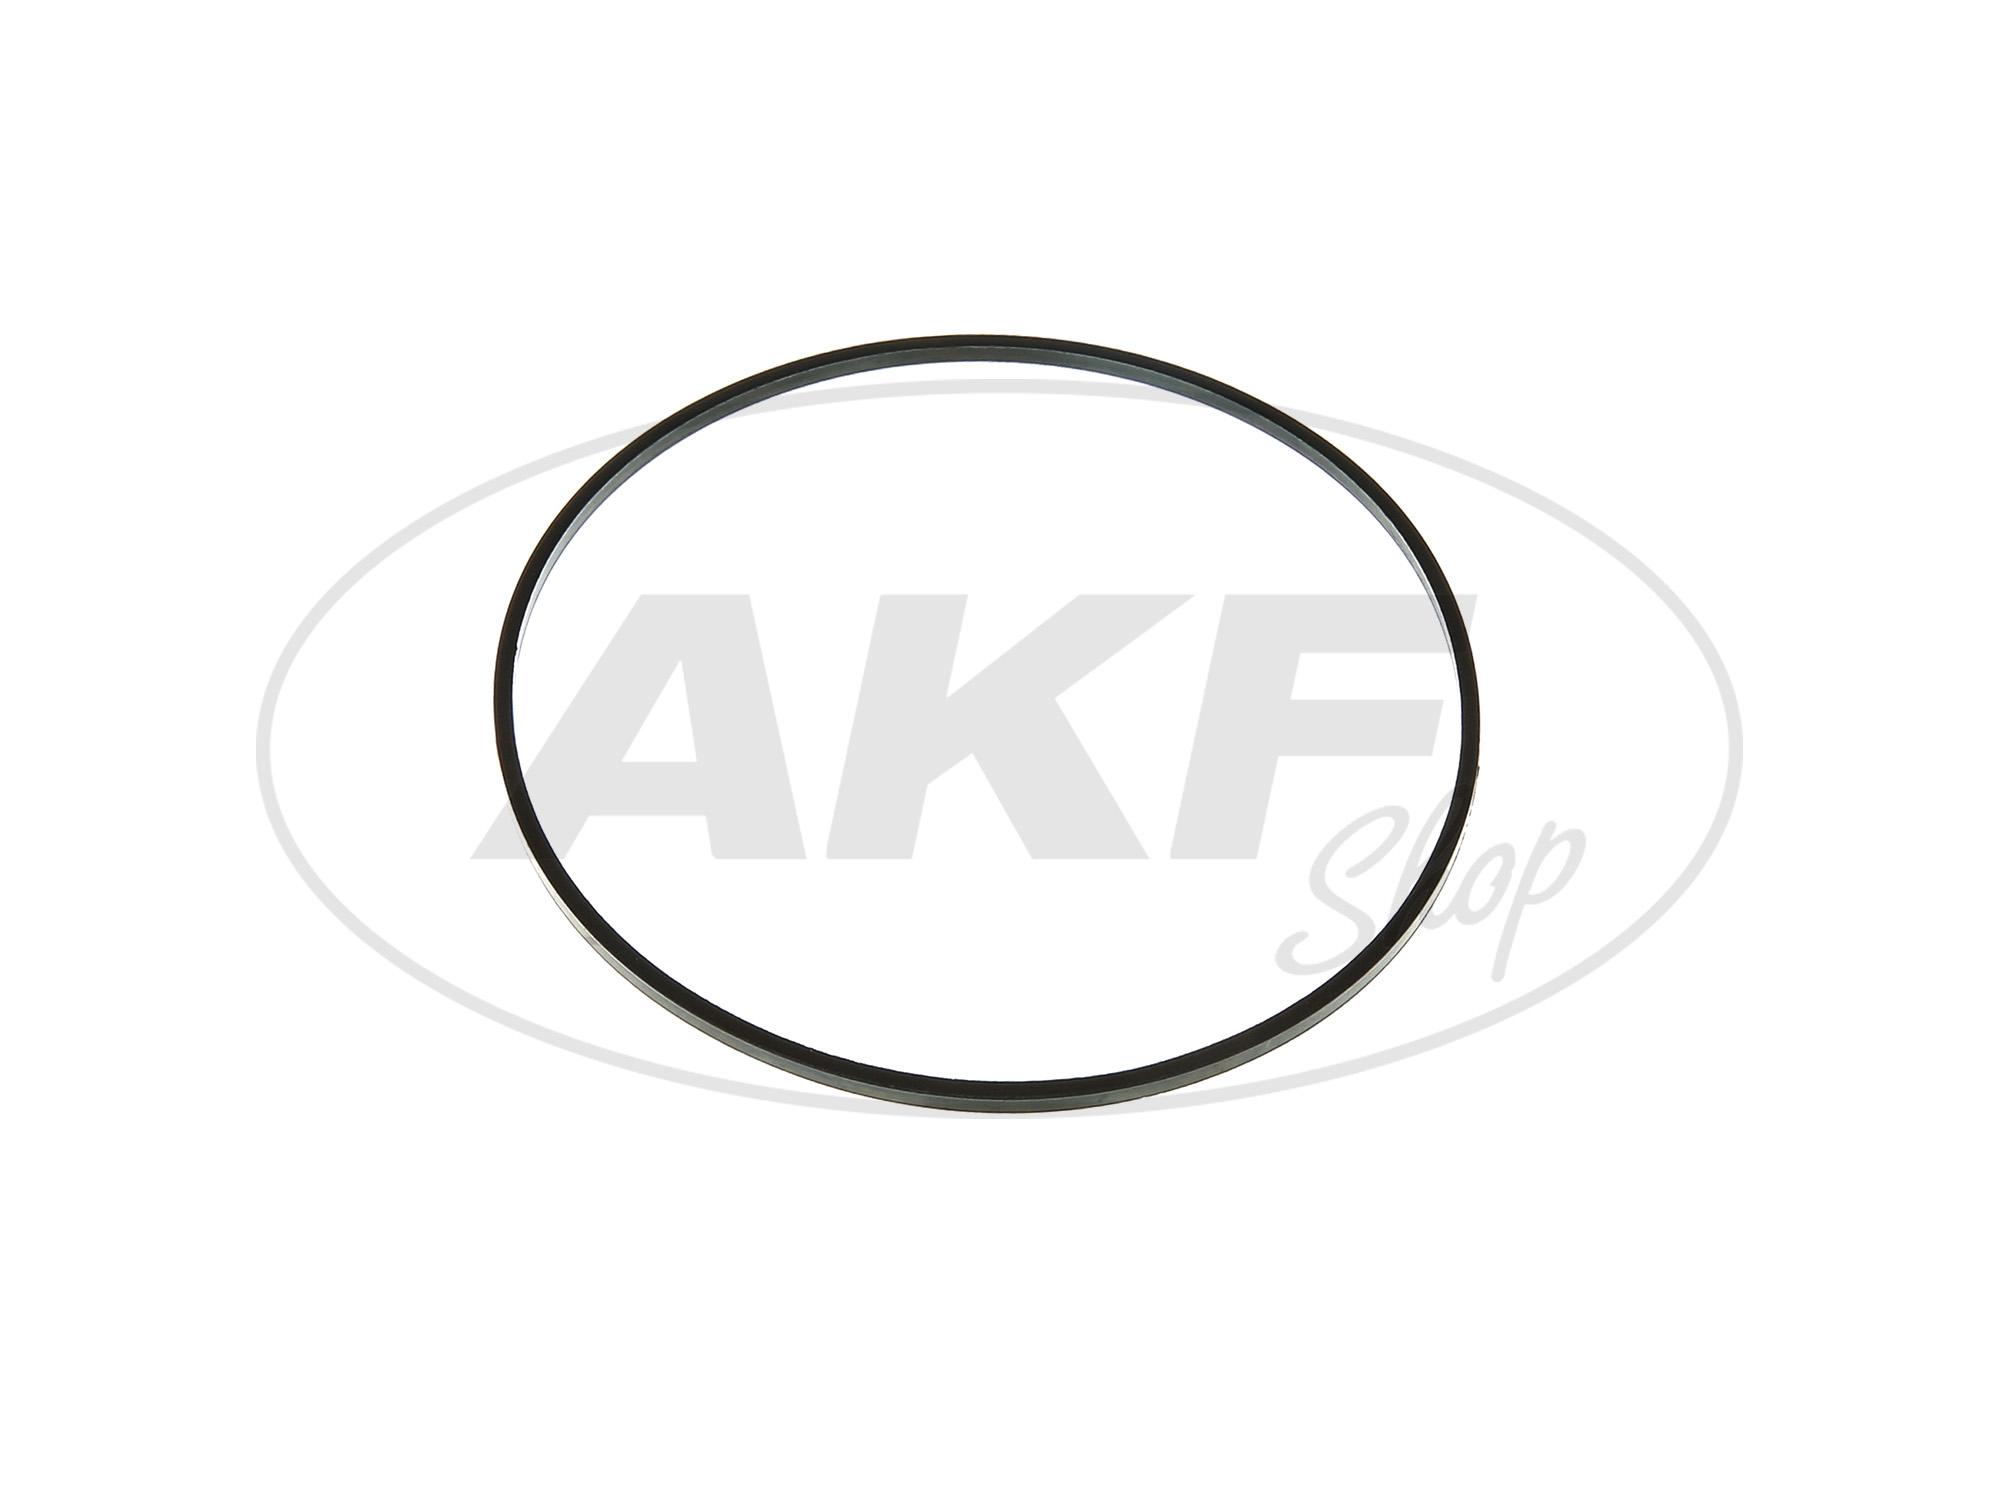 Zoom Ansicht Gummi - Dichtungsring für Blinker - für Simson S50, S51, S70, SR50, SR80, MZ ETZ, TS